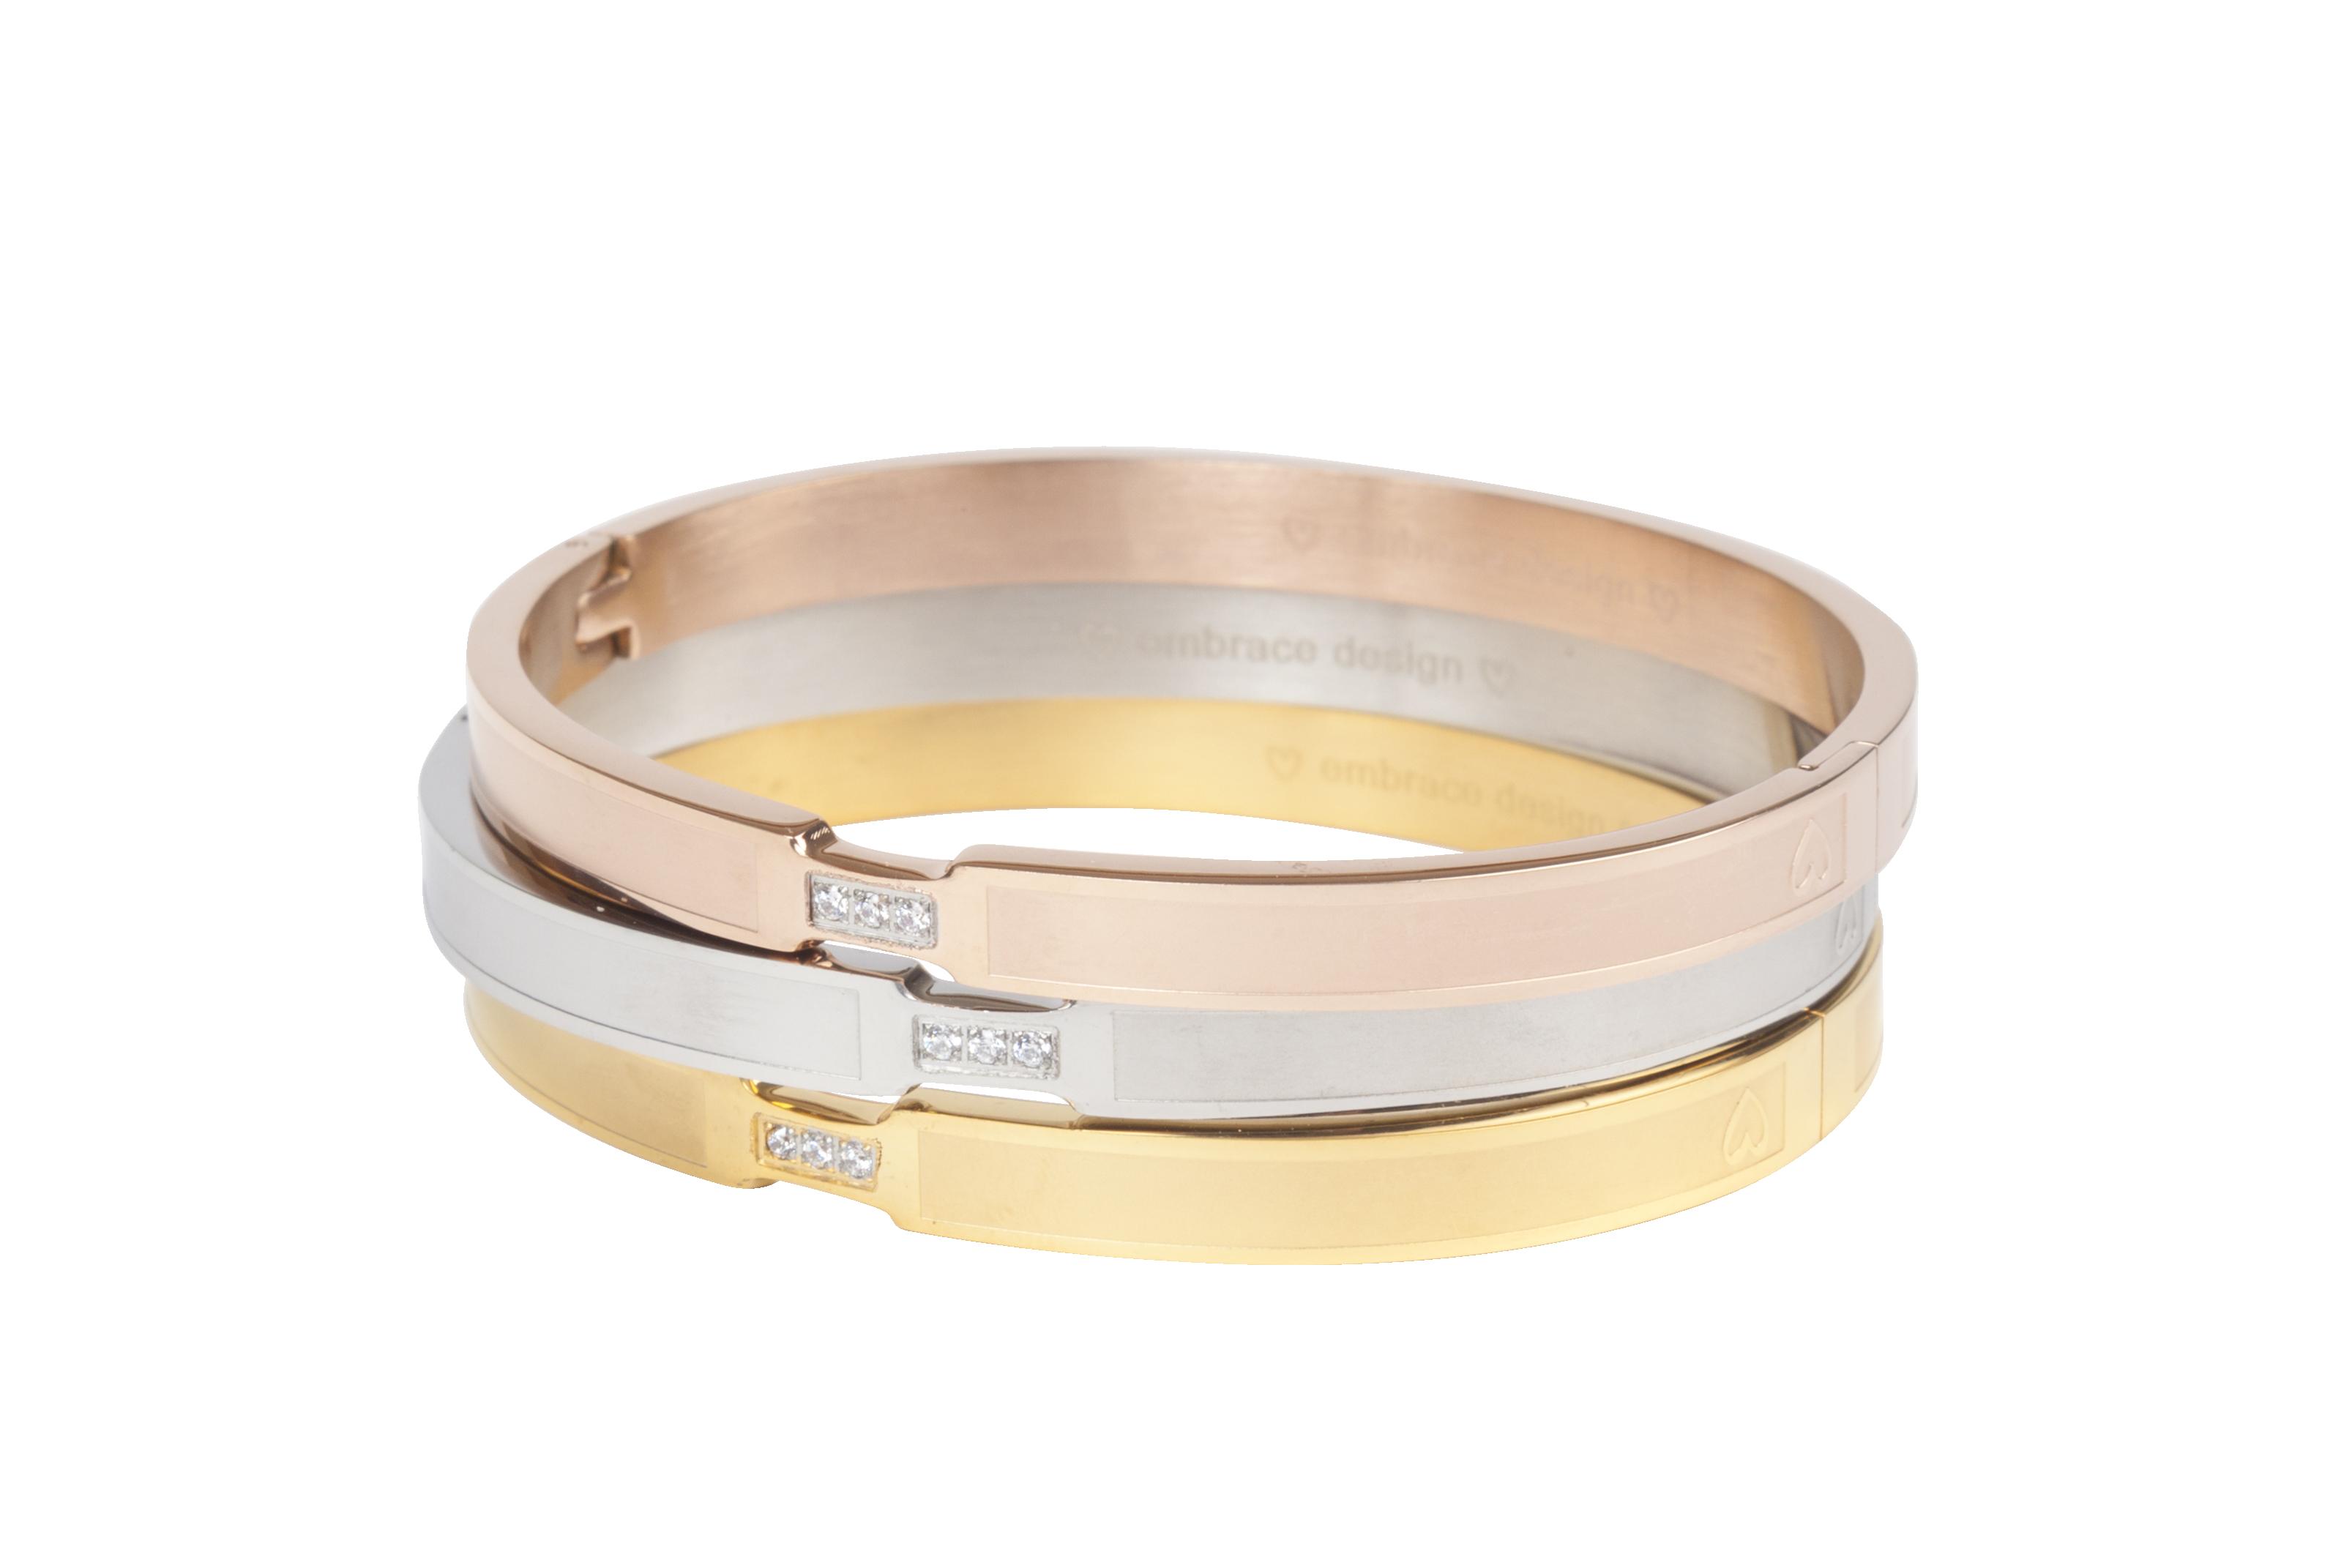 Klassieke bangle armband beschikbaar in tijdloze kleuren zoals zilver, goud en rose